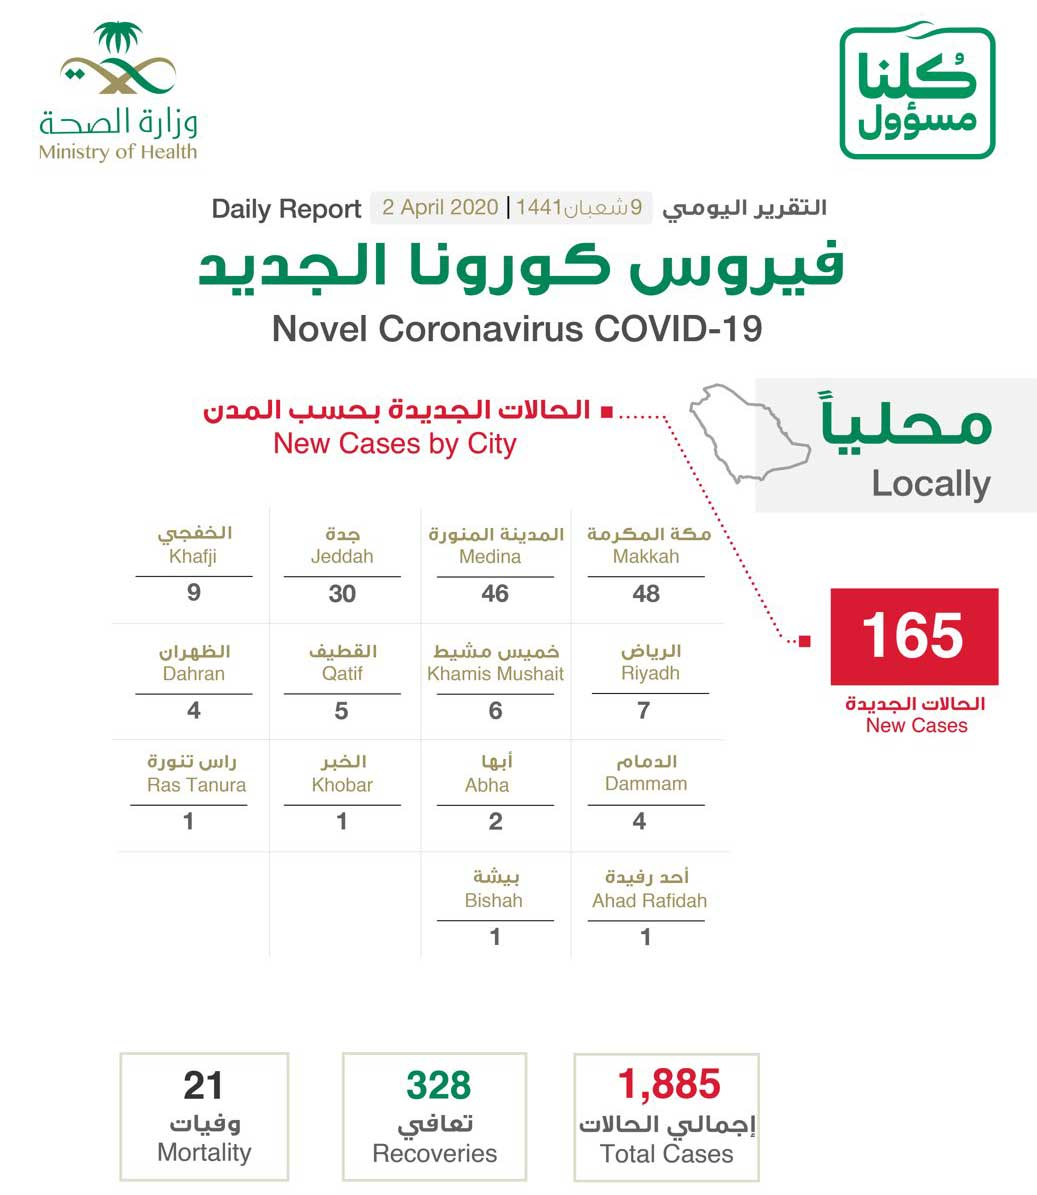 السعودية تسجل 165 حالة إصابة جديدة بفيروس كورونا الجديد   أريبيان بزنس